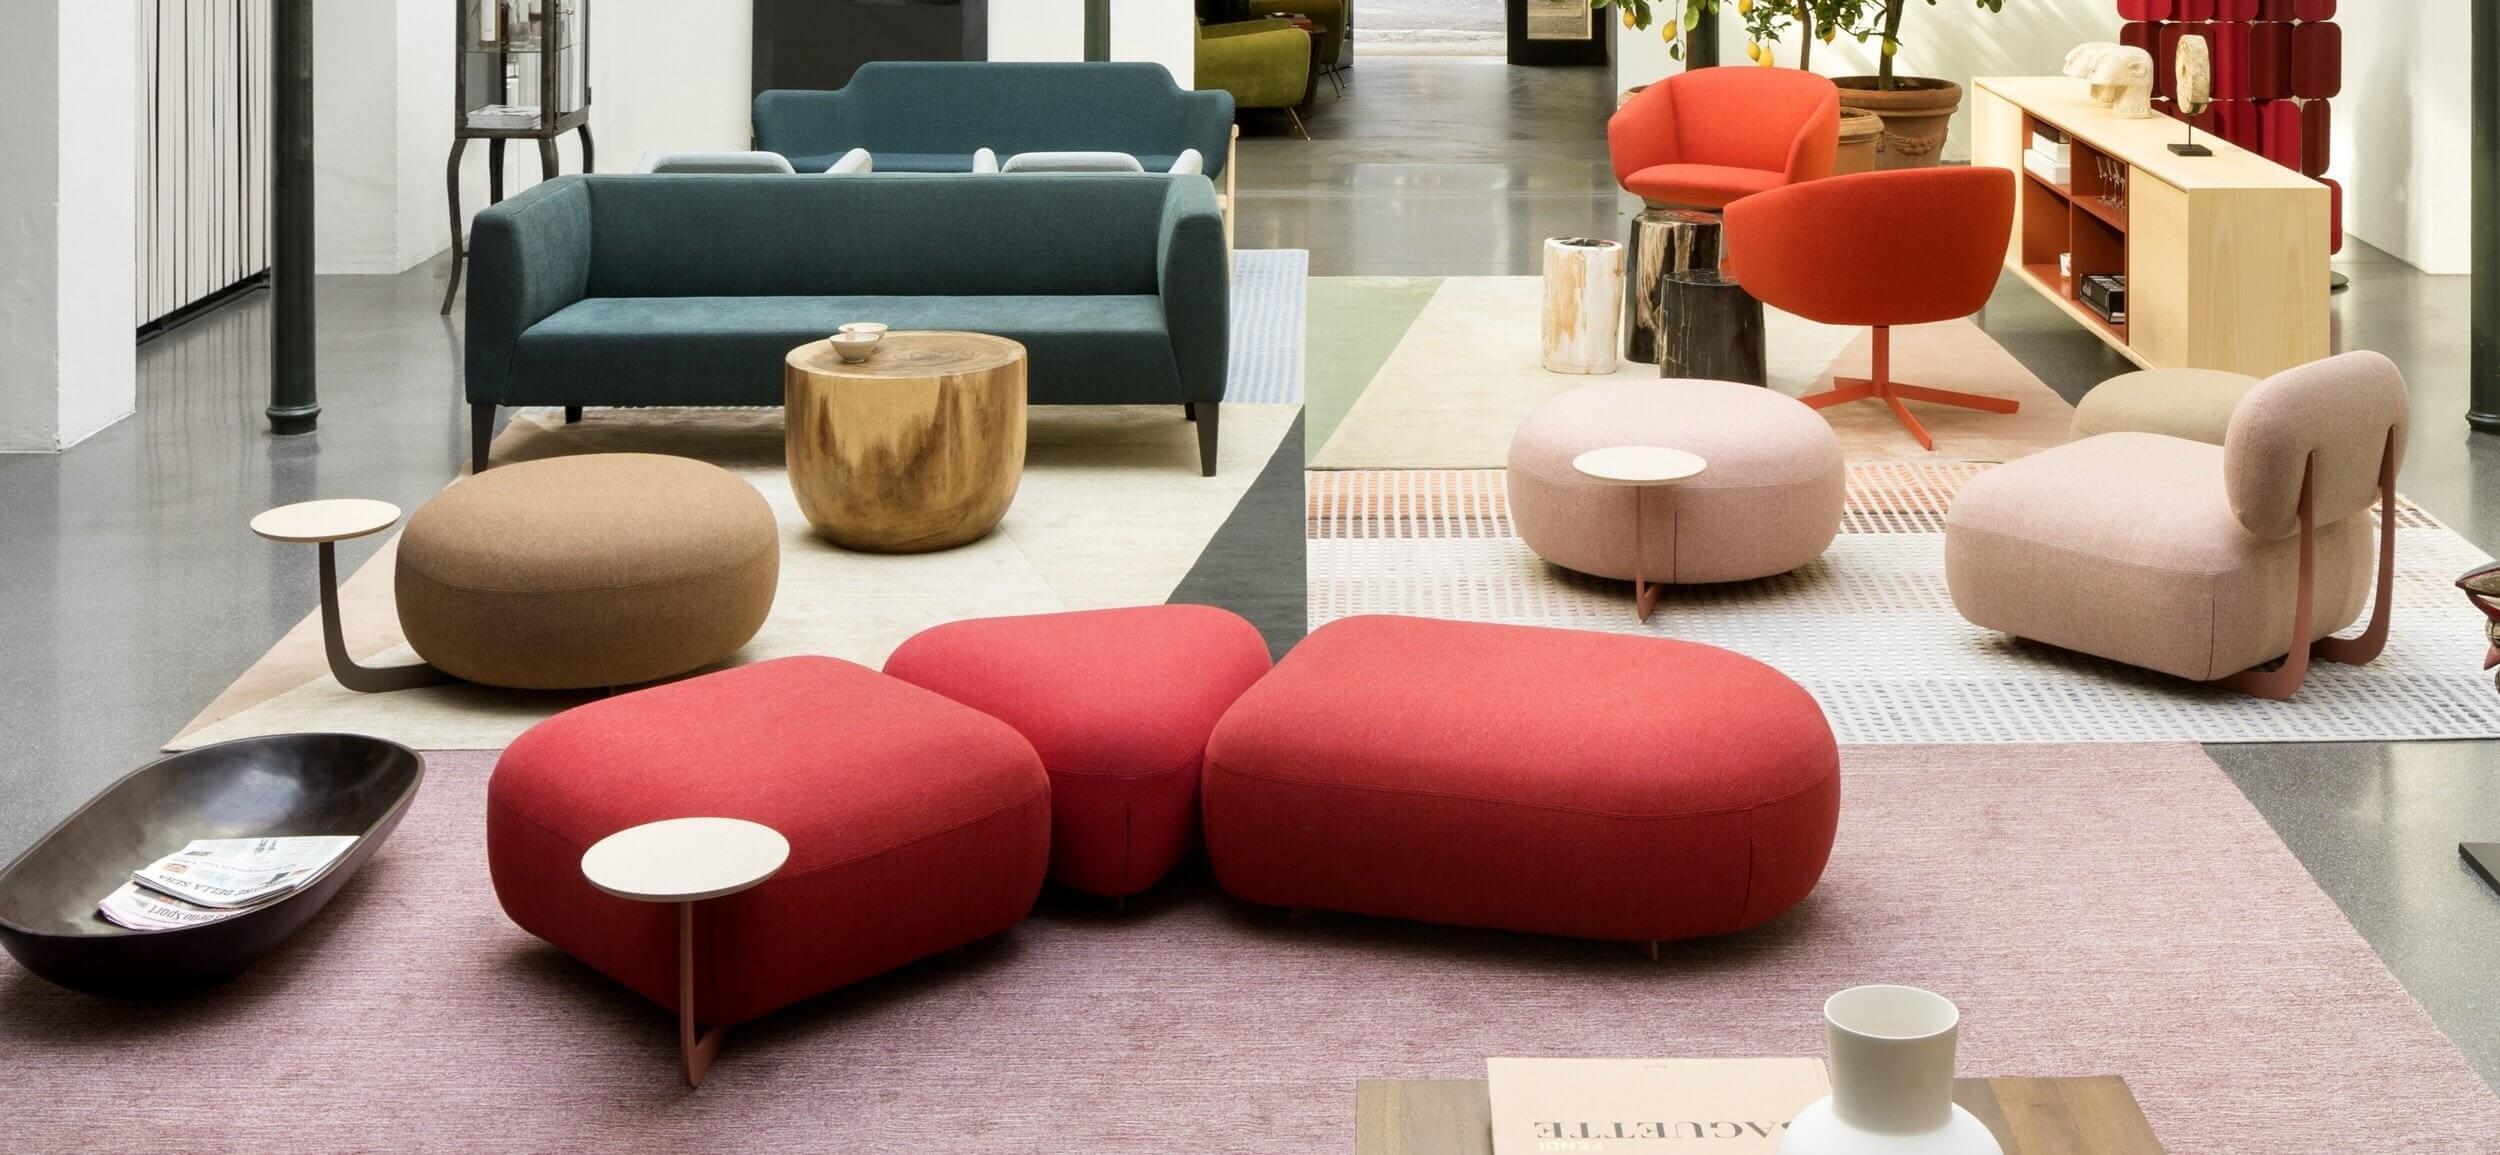 Pouf design lounge haut de gamme